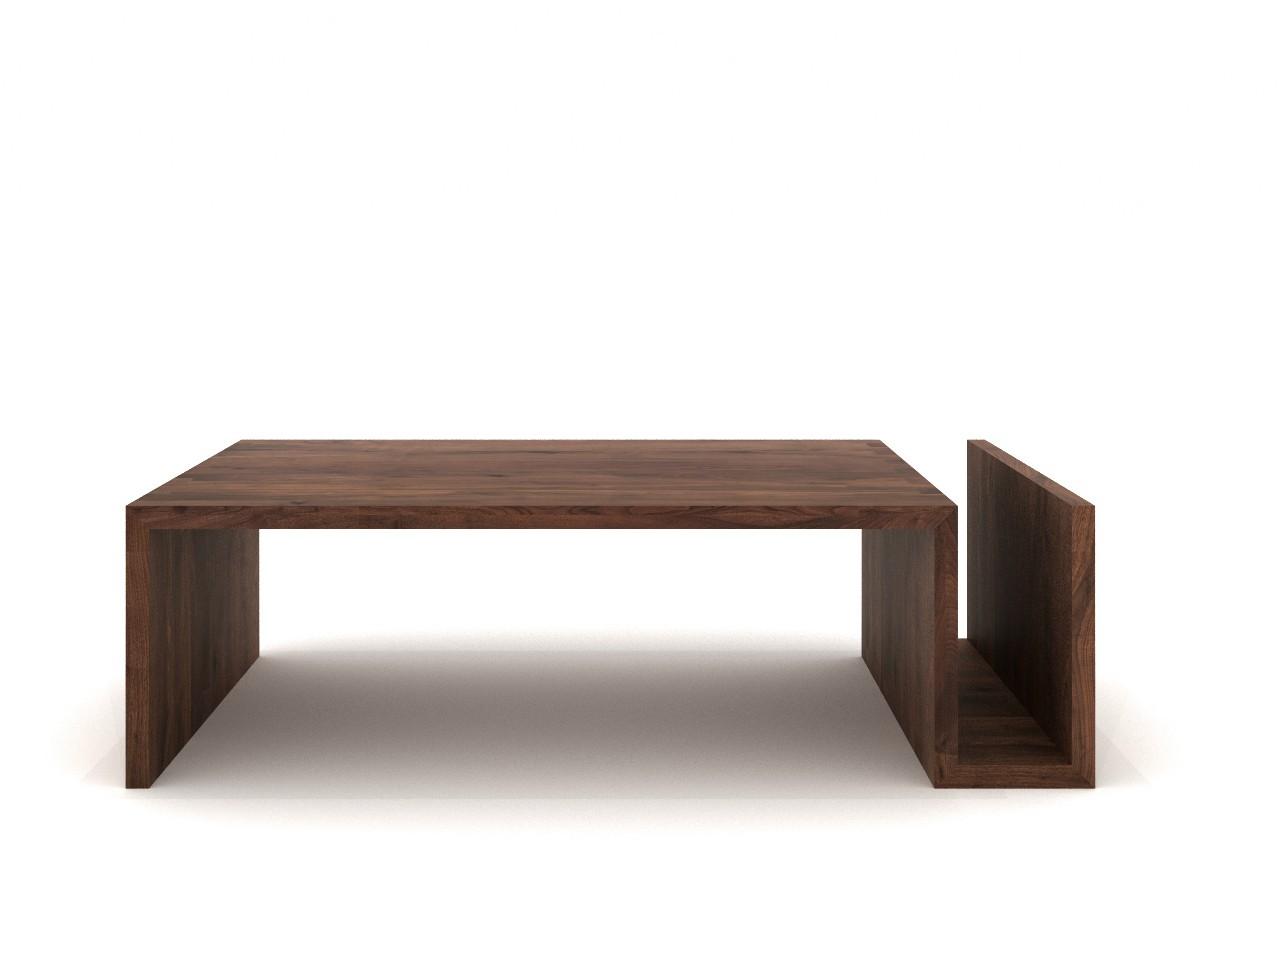 table basse noyer noami d 39 ethnicraft. Black Bedroom Furniture Sets. Home Design Ideas